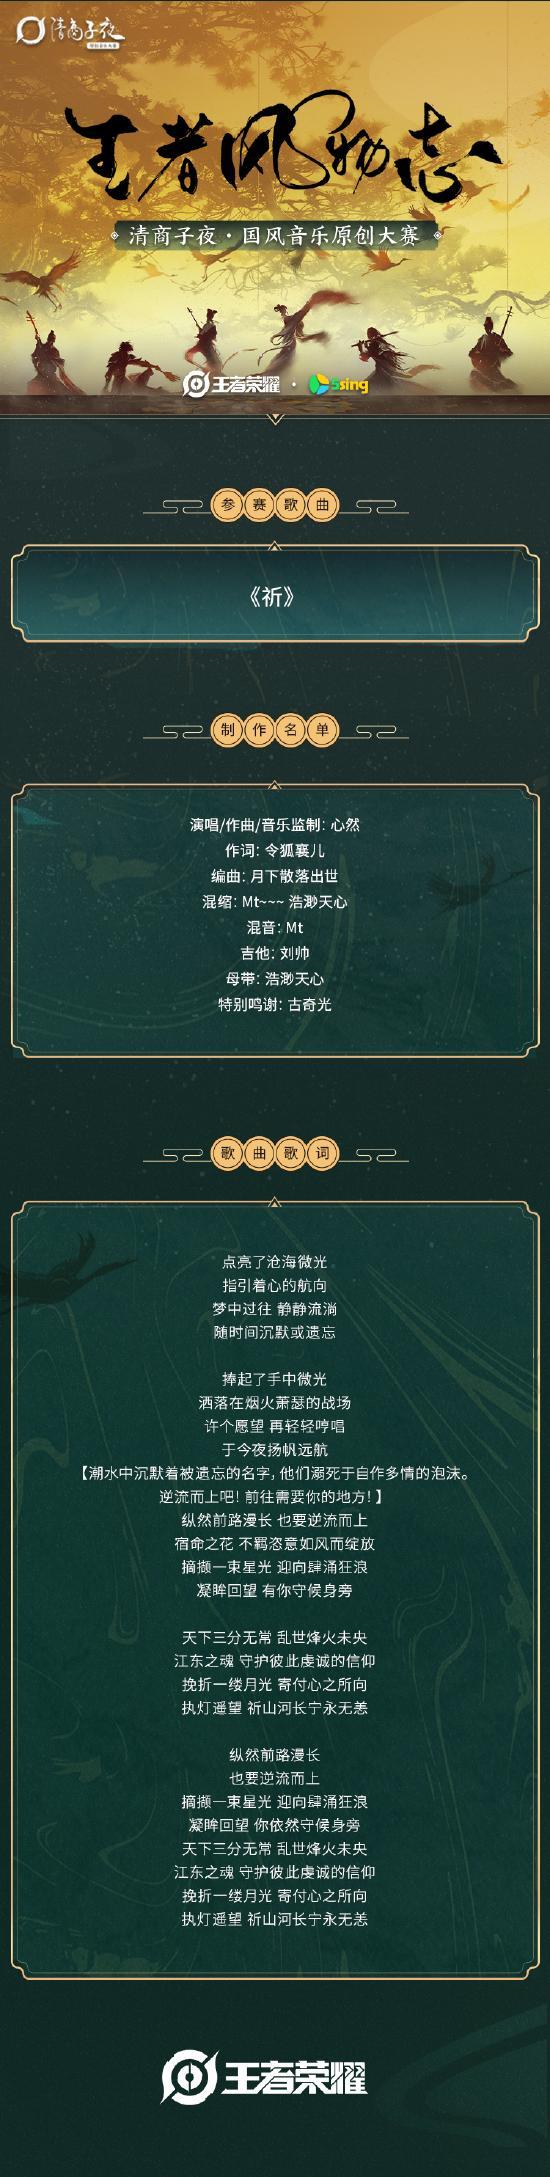 「王者风物志 · 国风音乐原创大赛,第1期作品盘点」